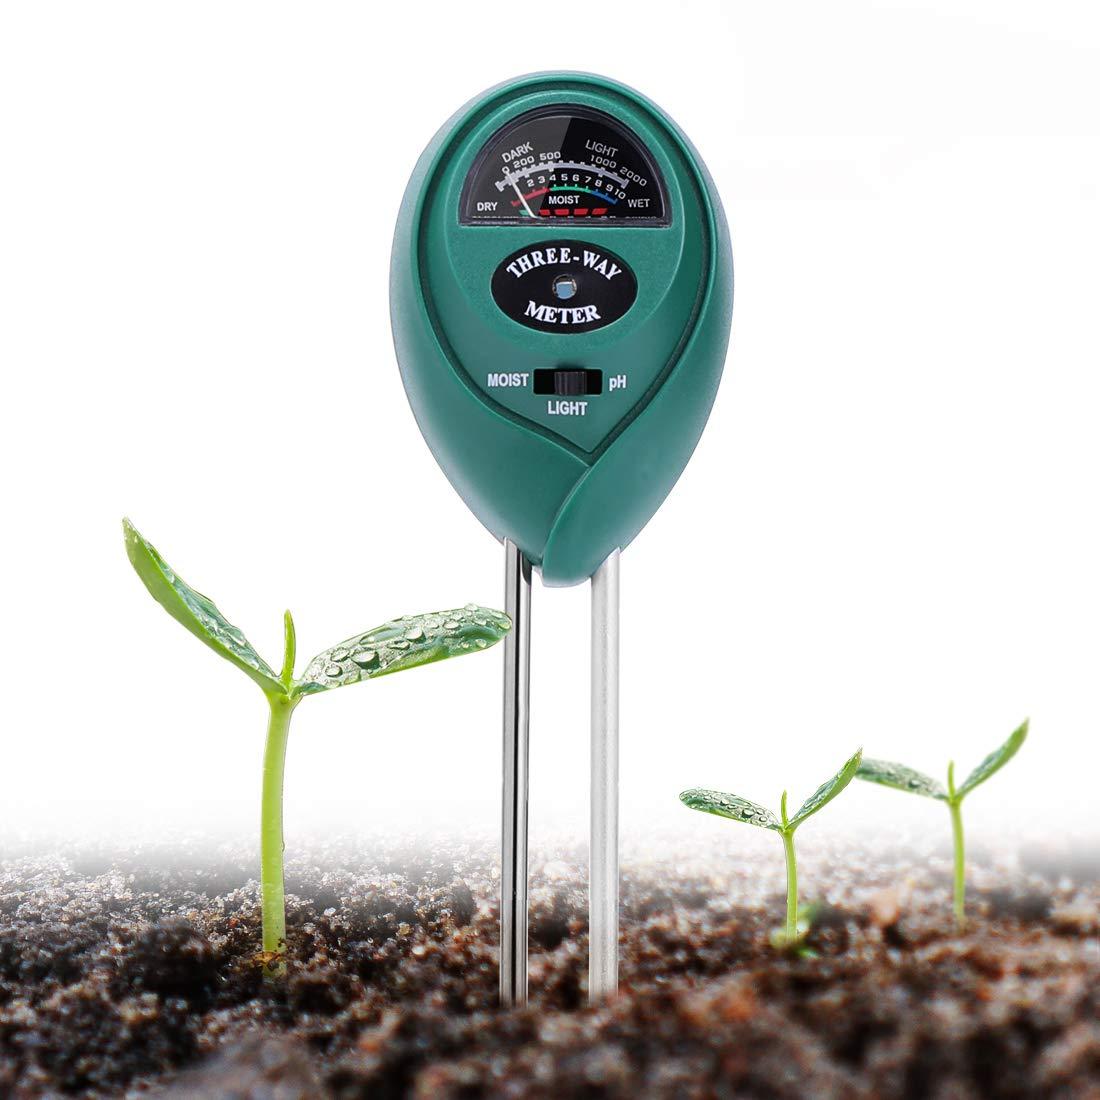 VIVOHOME 3 in 1 Moisture Meter PH Light Soil Tester Kit for Lawn and Garden